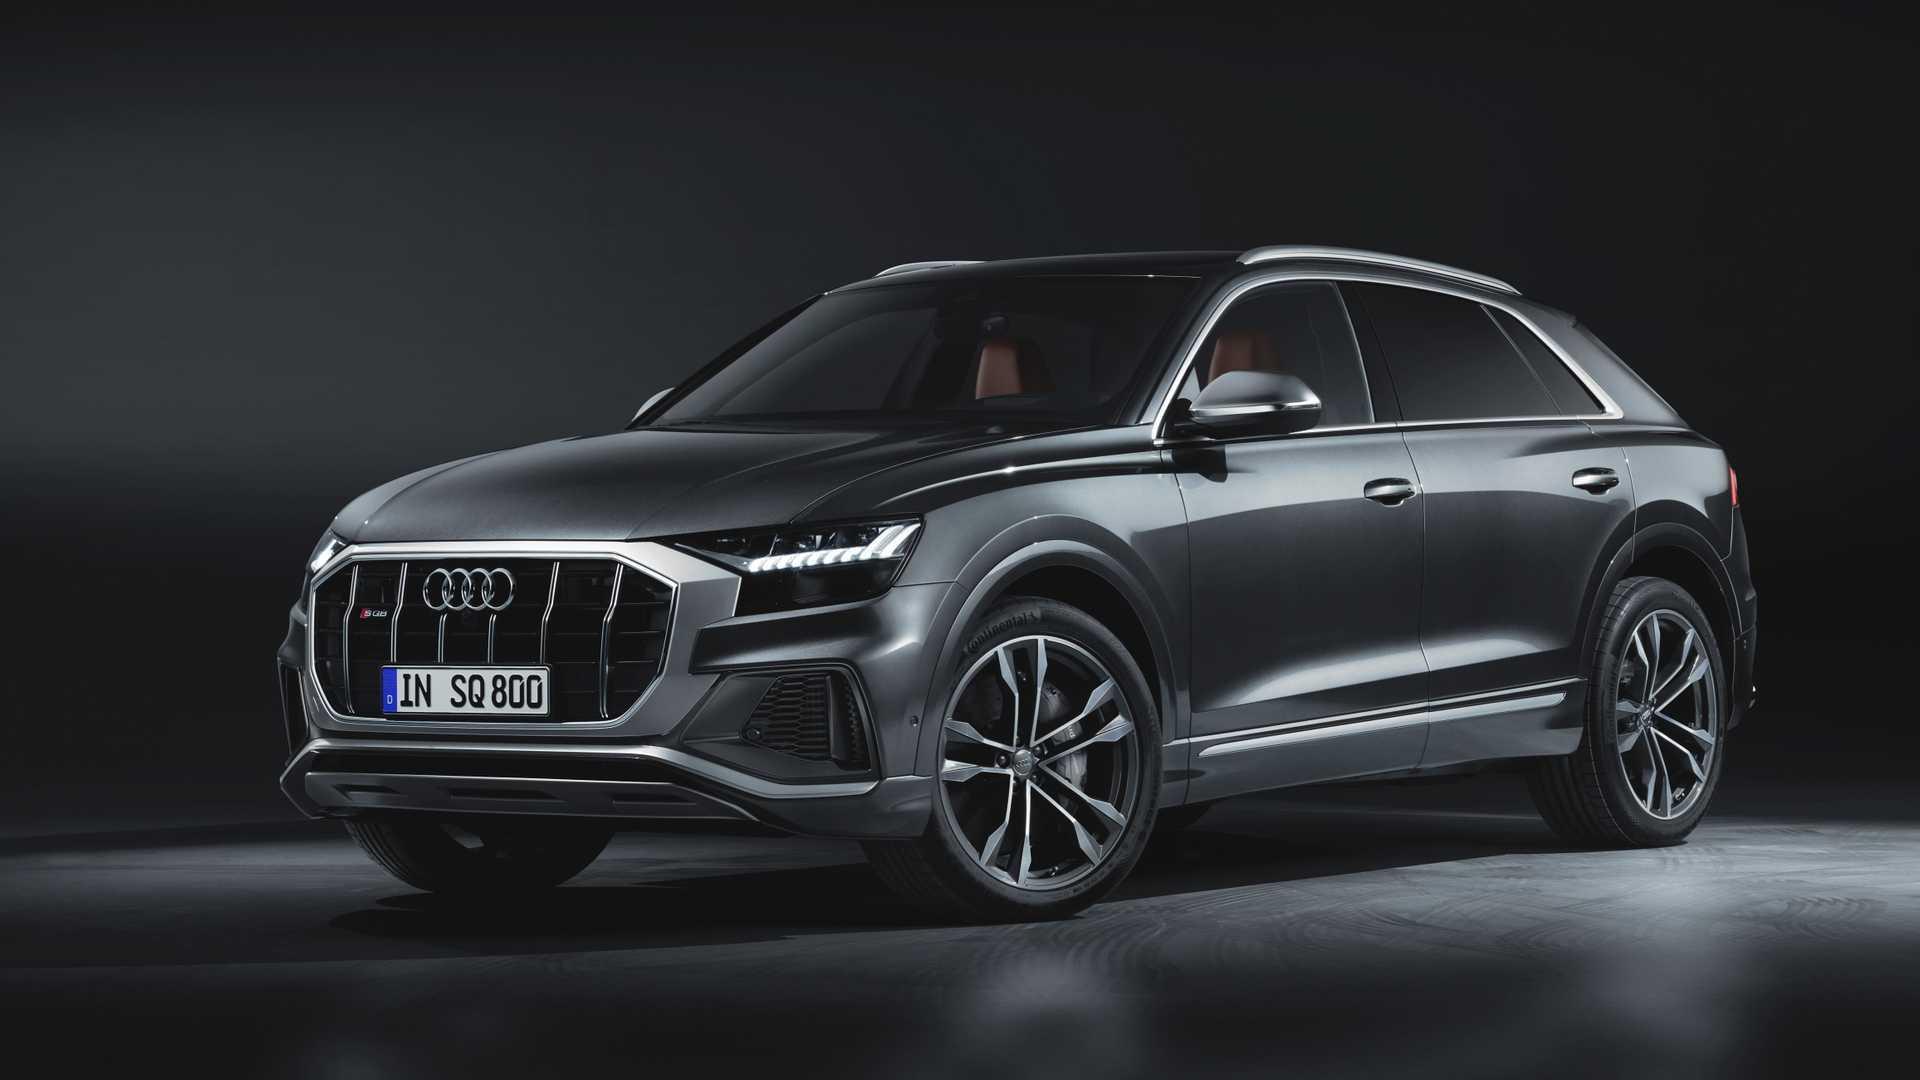 Audi Sq8 Tdi 2020 3